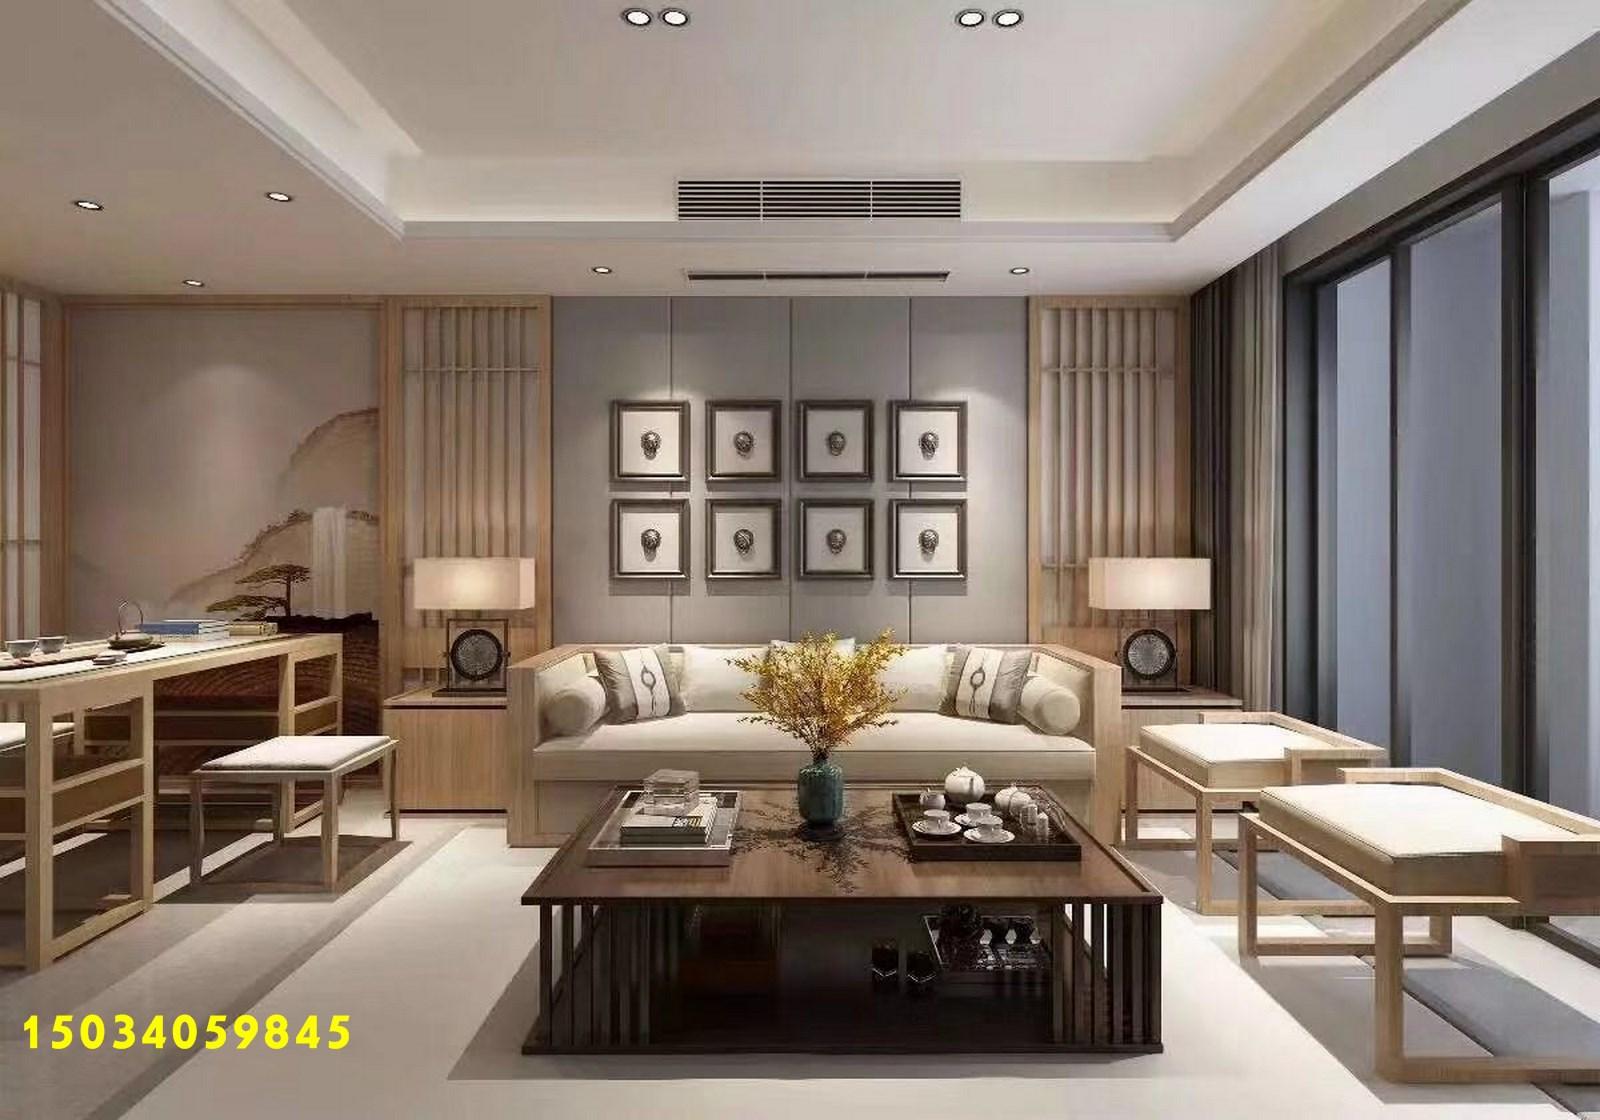 简约 三居图片来自山西今朝装饰在120平米新中式,清贵典雅的分享